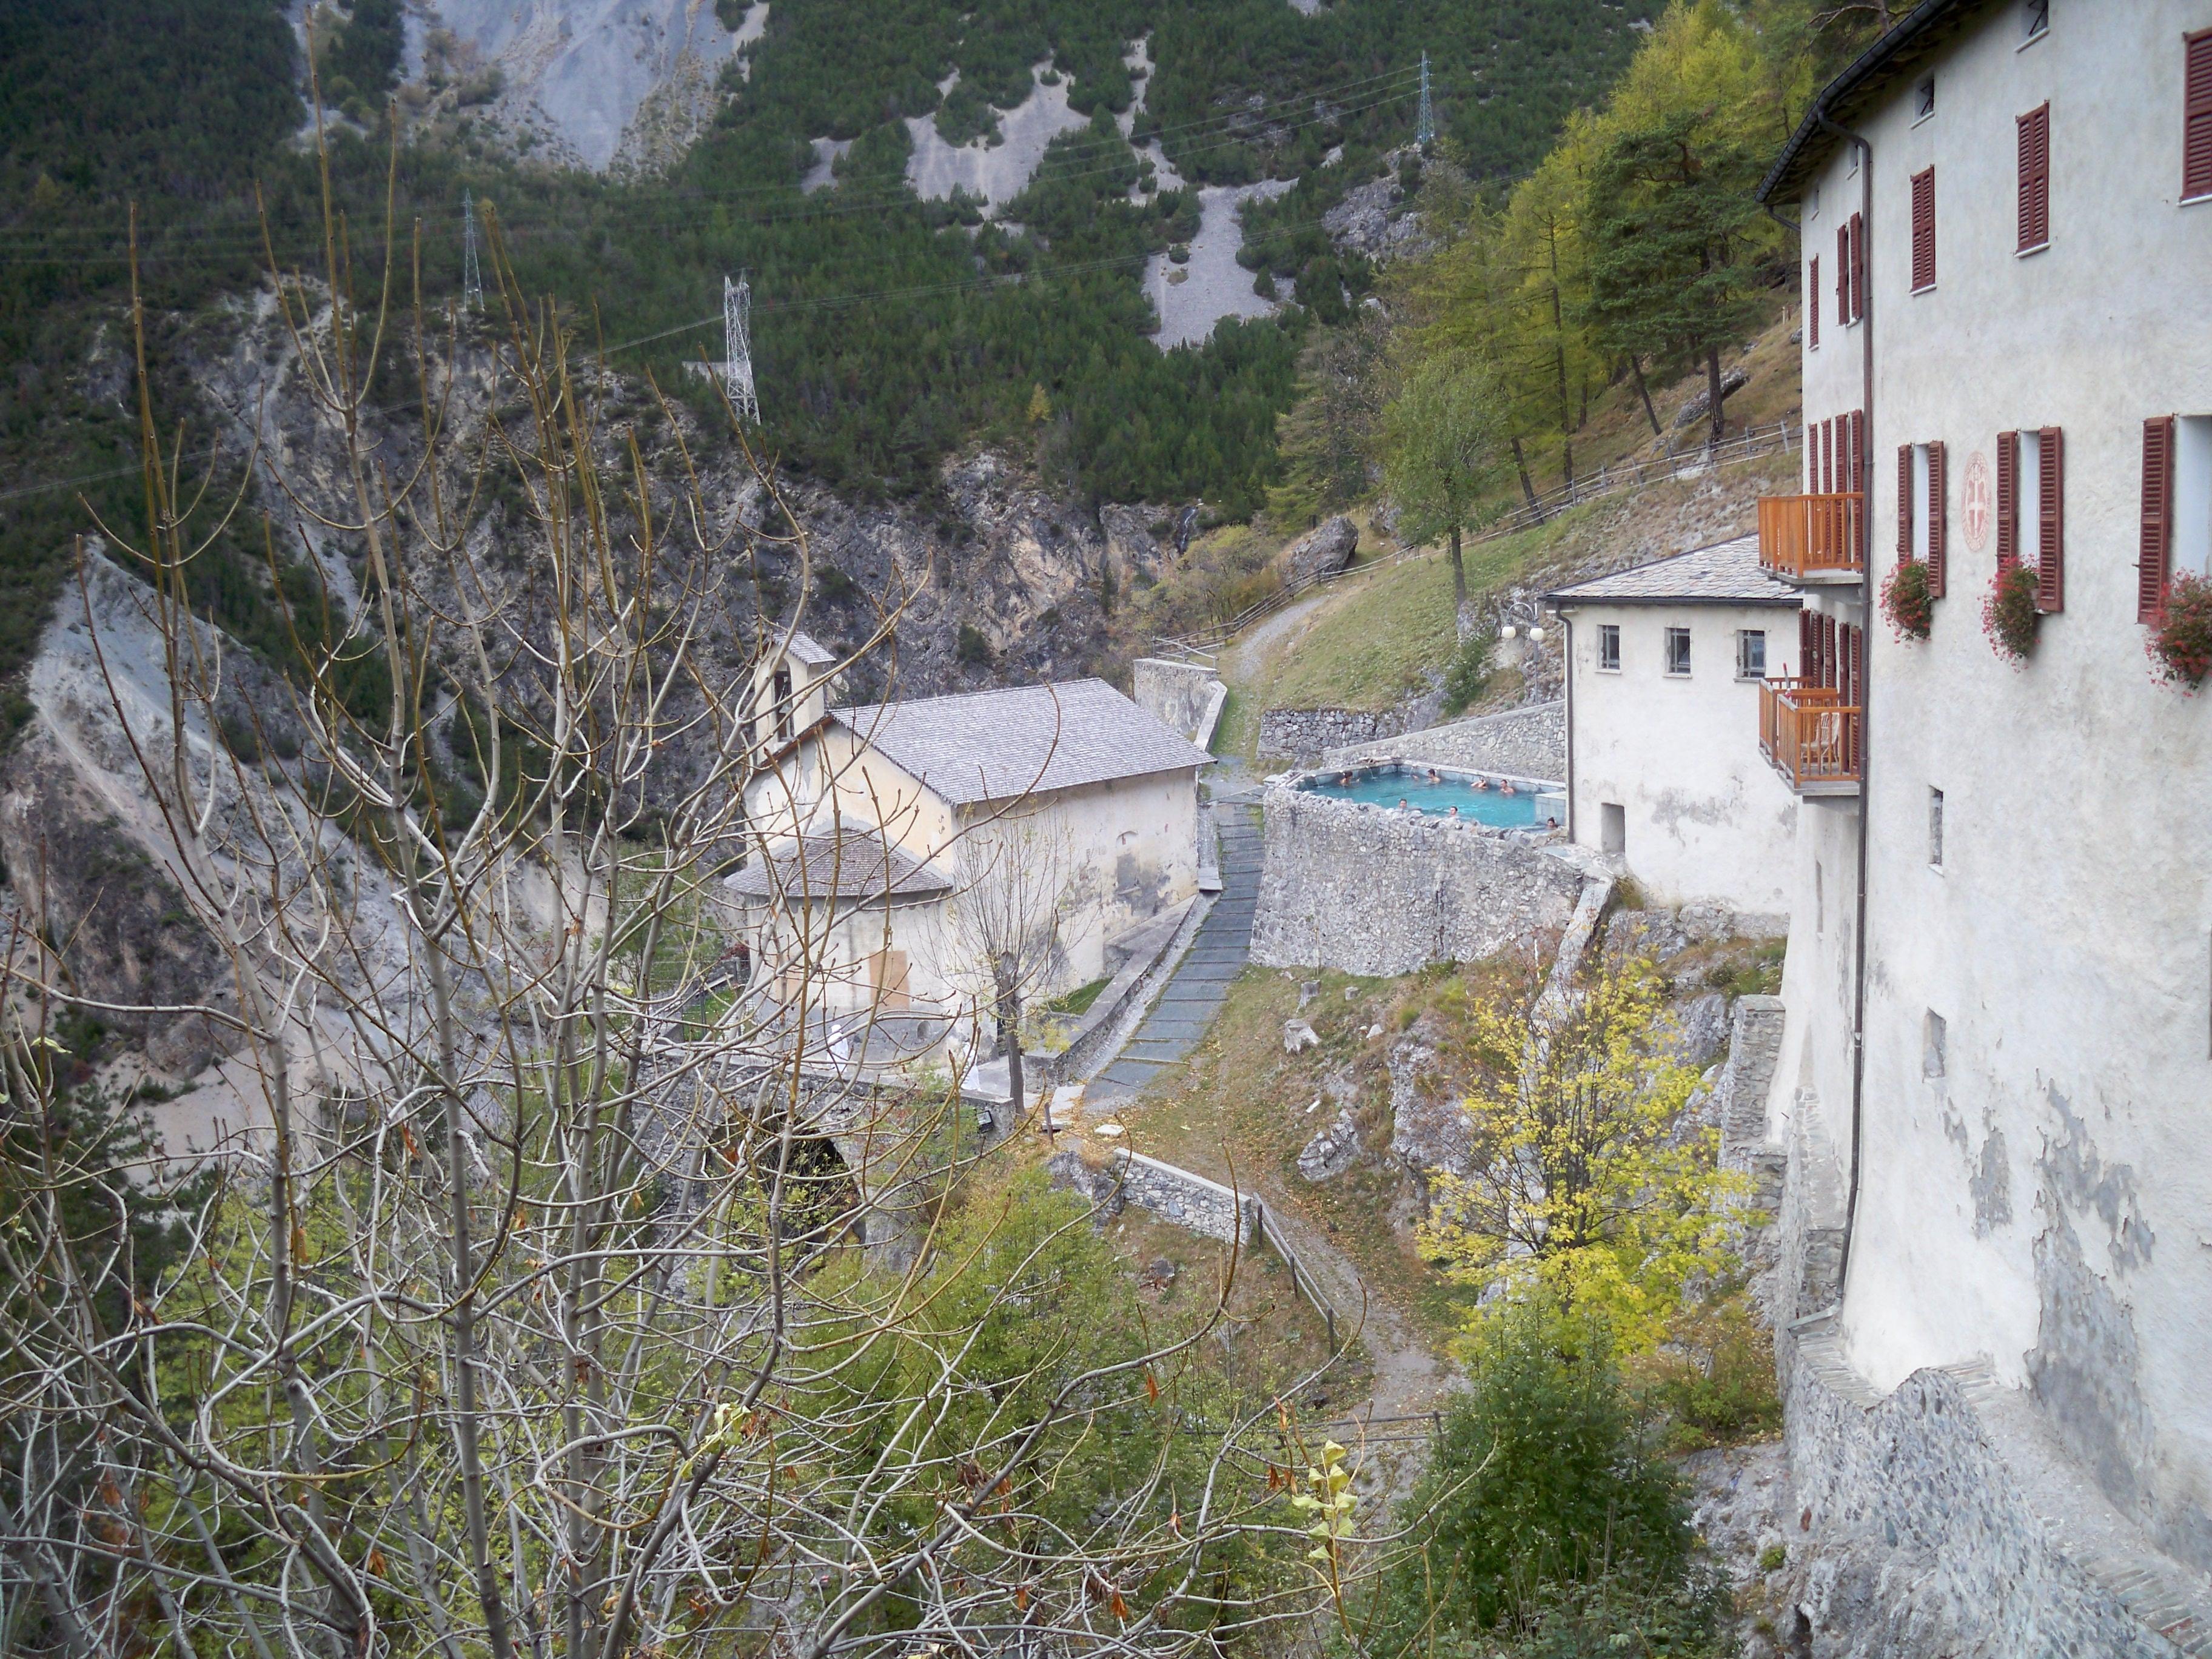 File bagni vecchi di bormio jpg wikimedia commons - Bagni nuovi di bormio ...